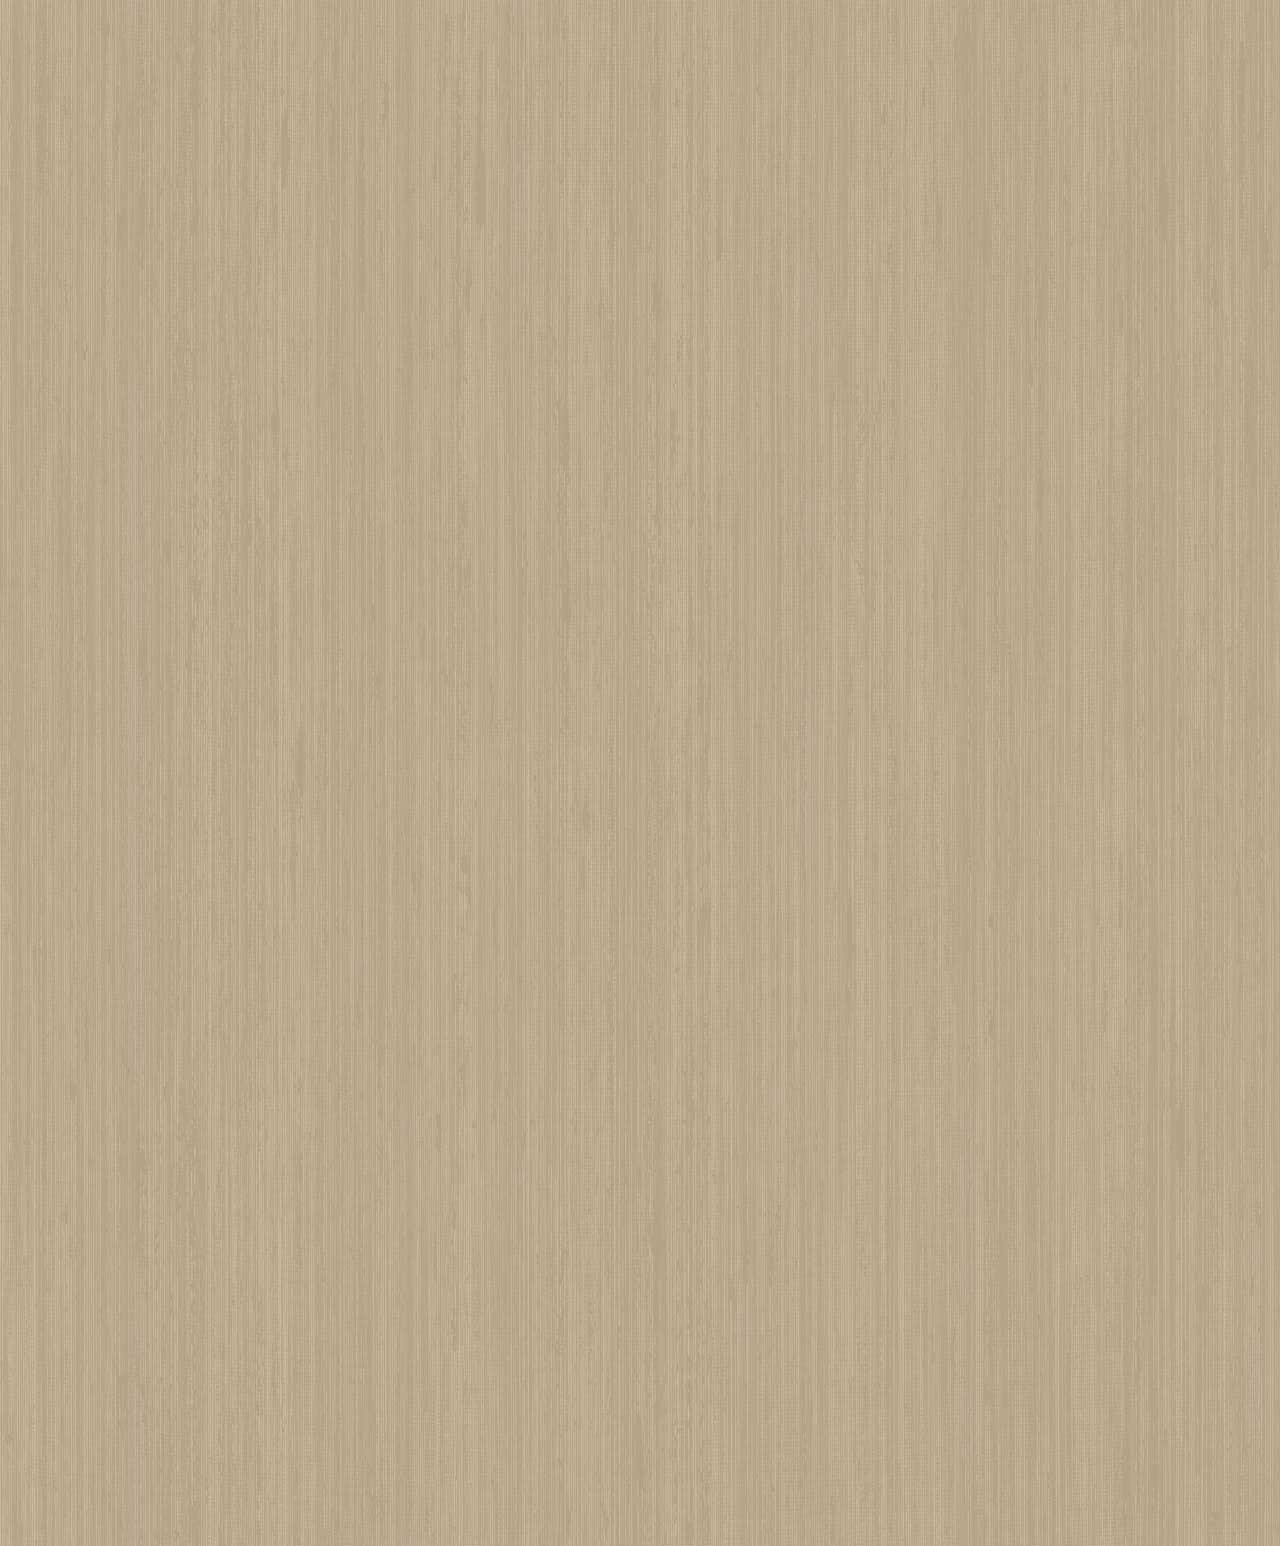 Sloan-Luxury-Wallpaper-SL00820-Sloane